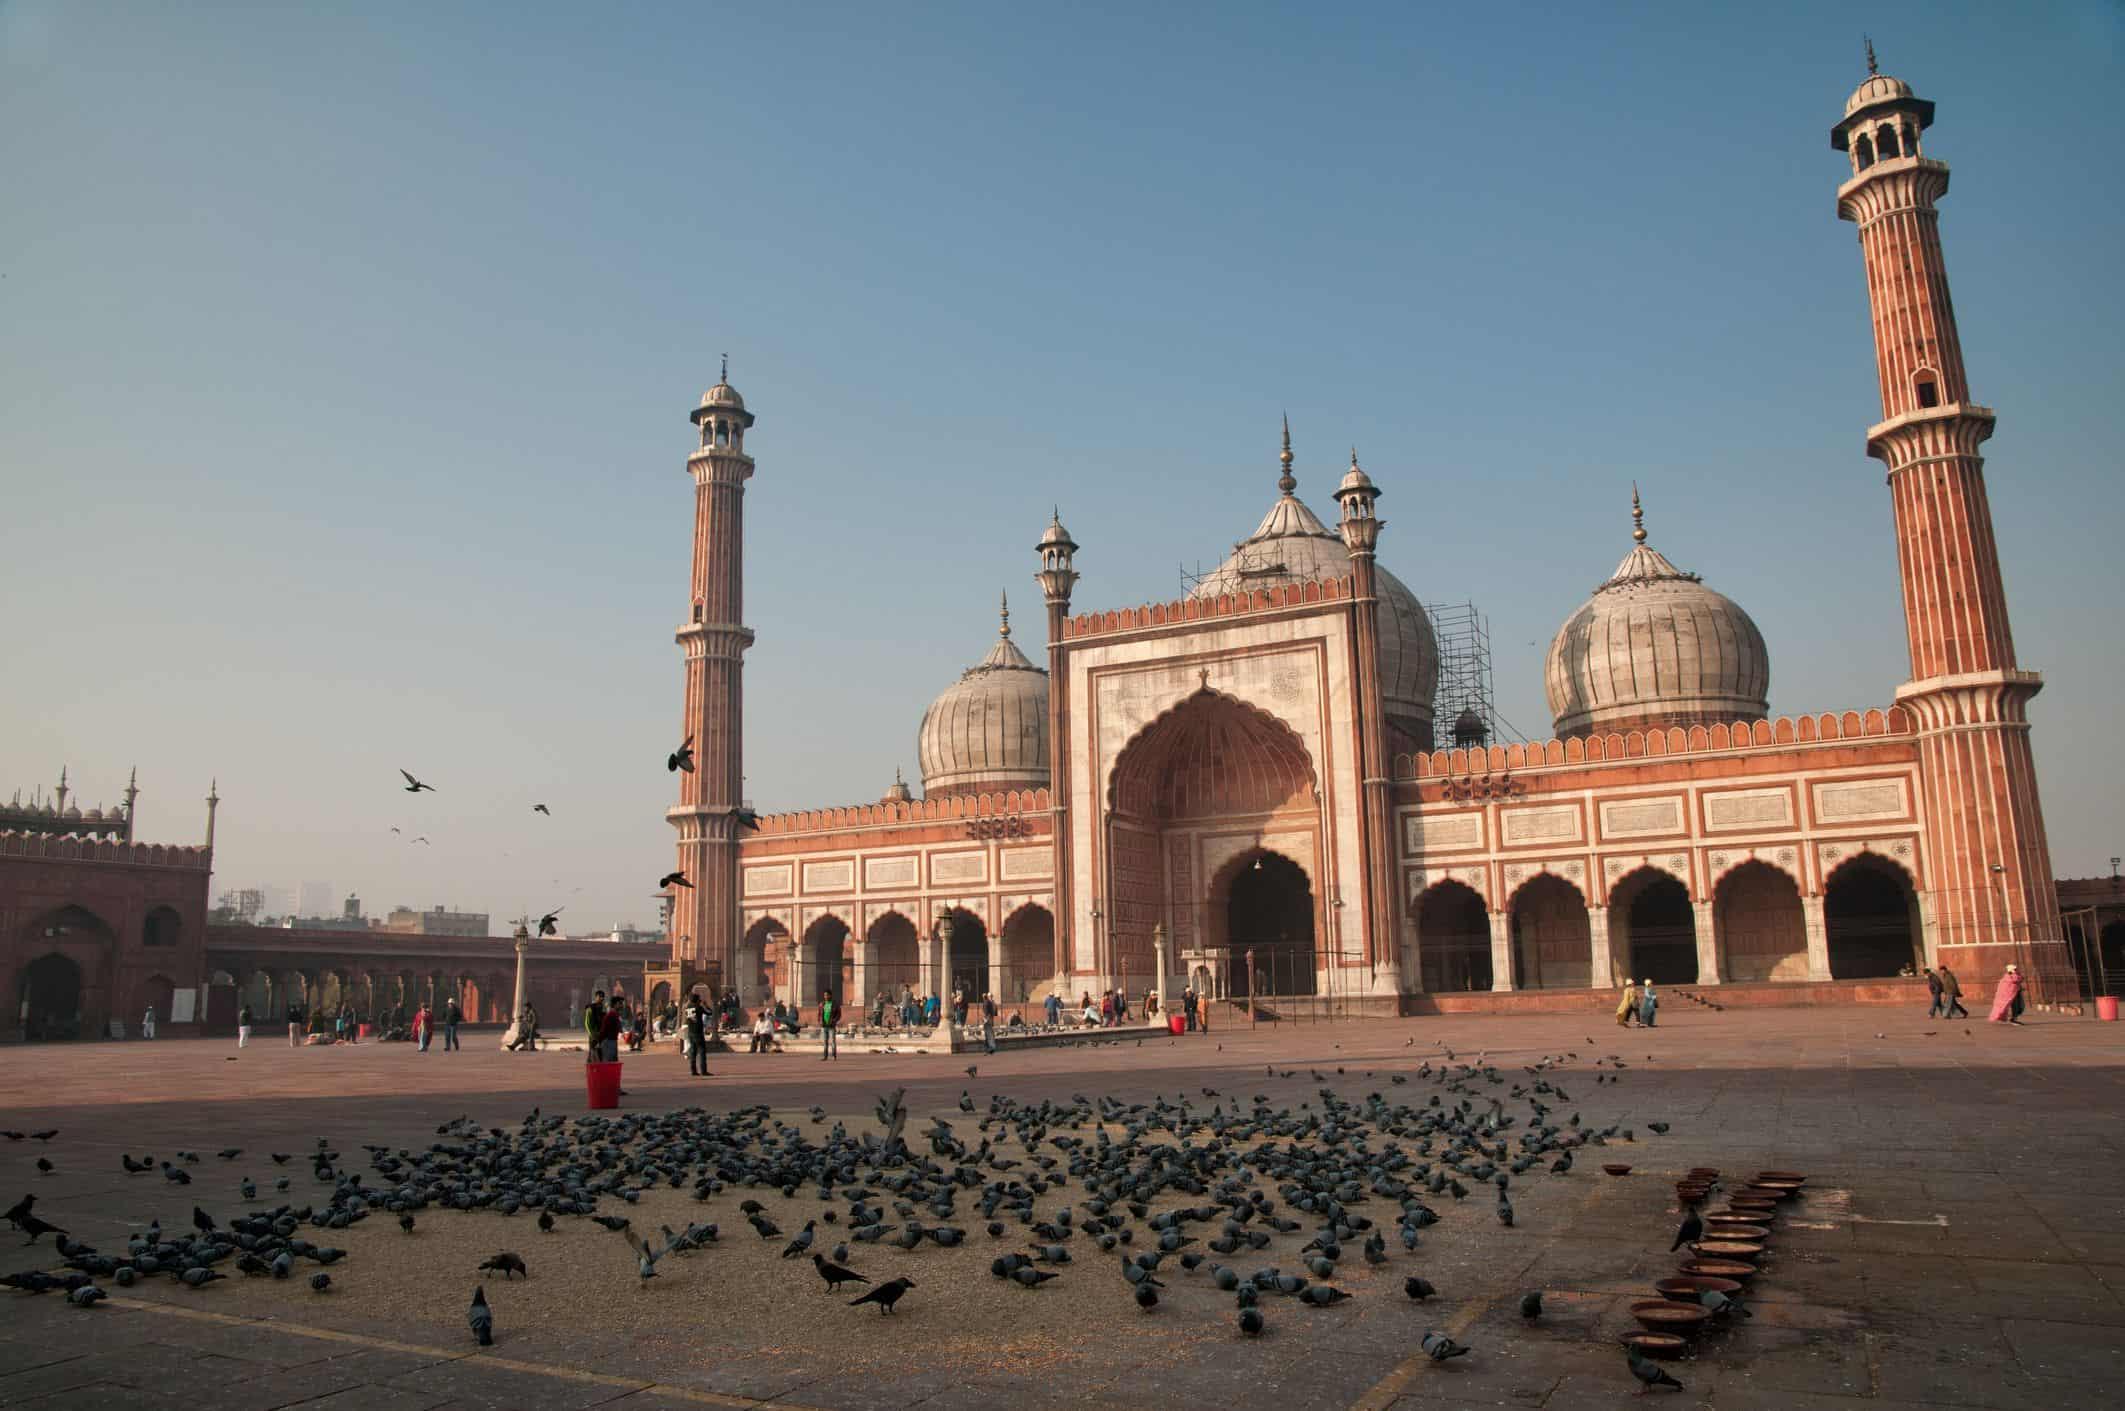 افضل 5 انشطة في المسجد الجامع دلهي الهند